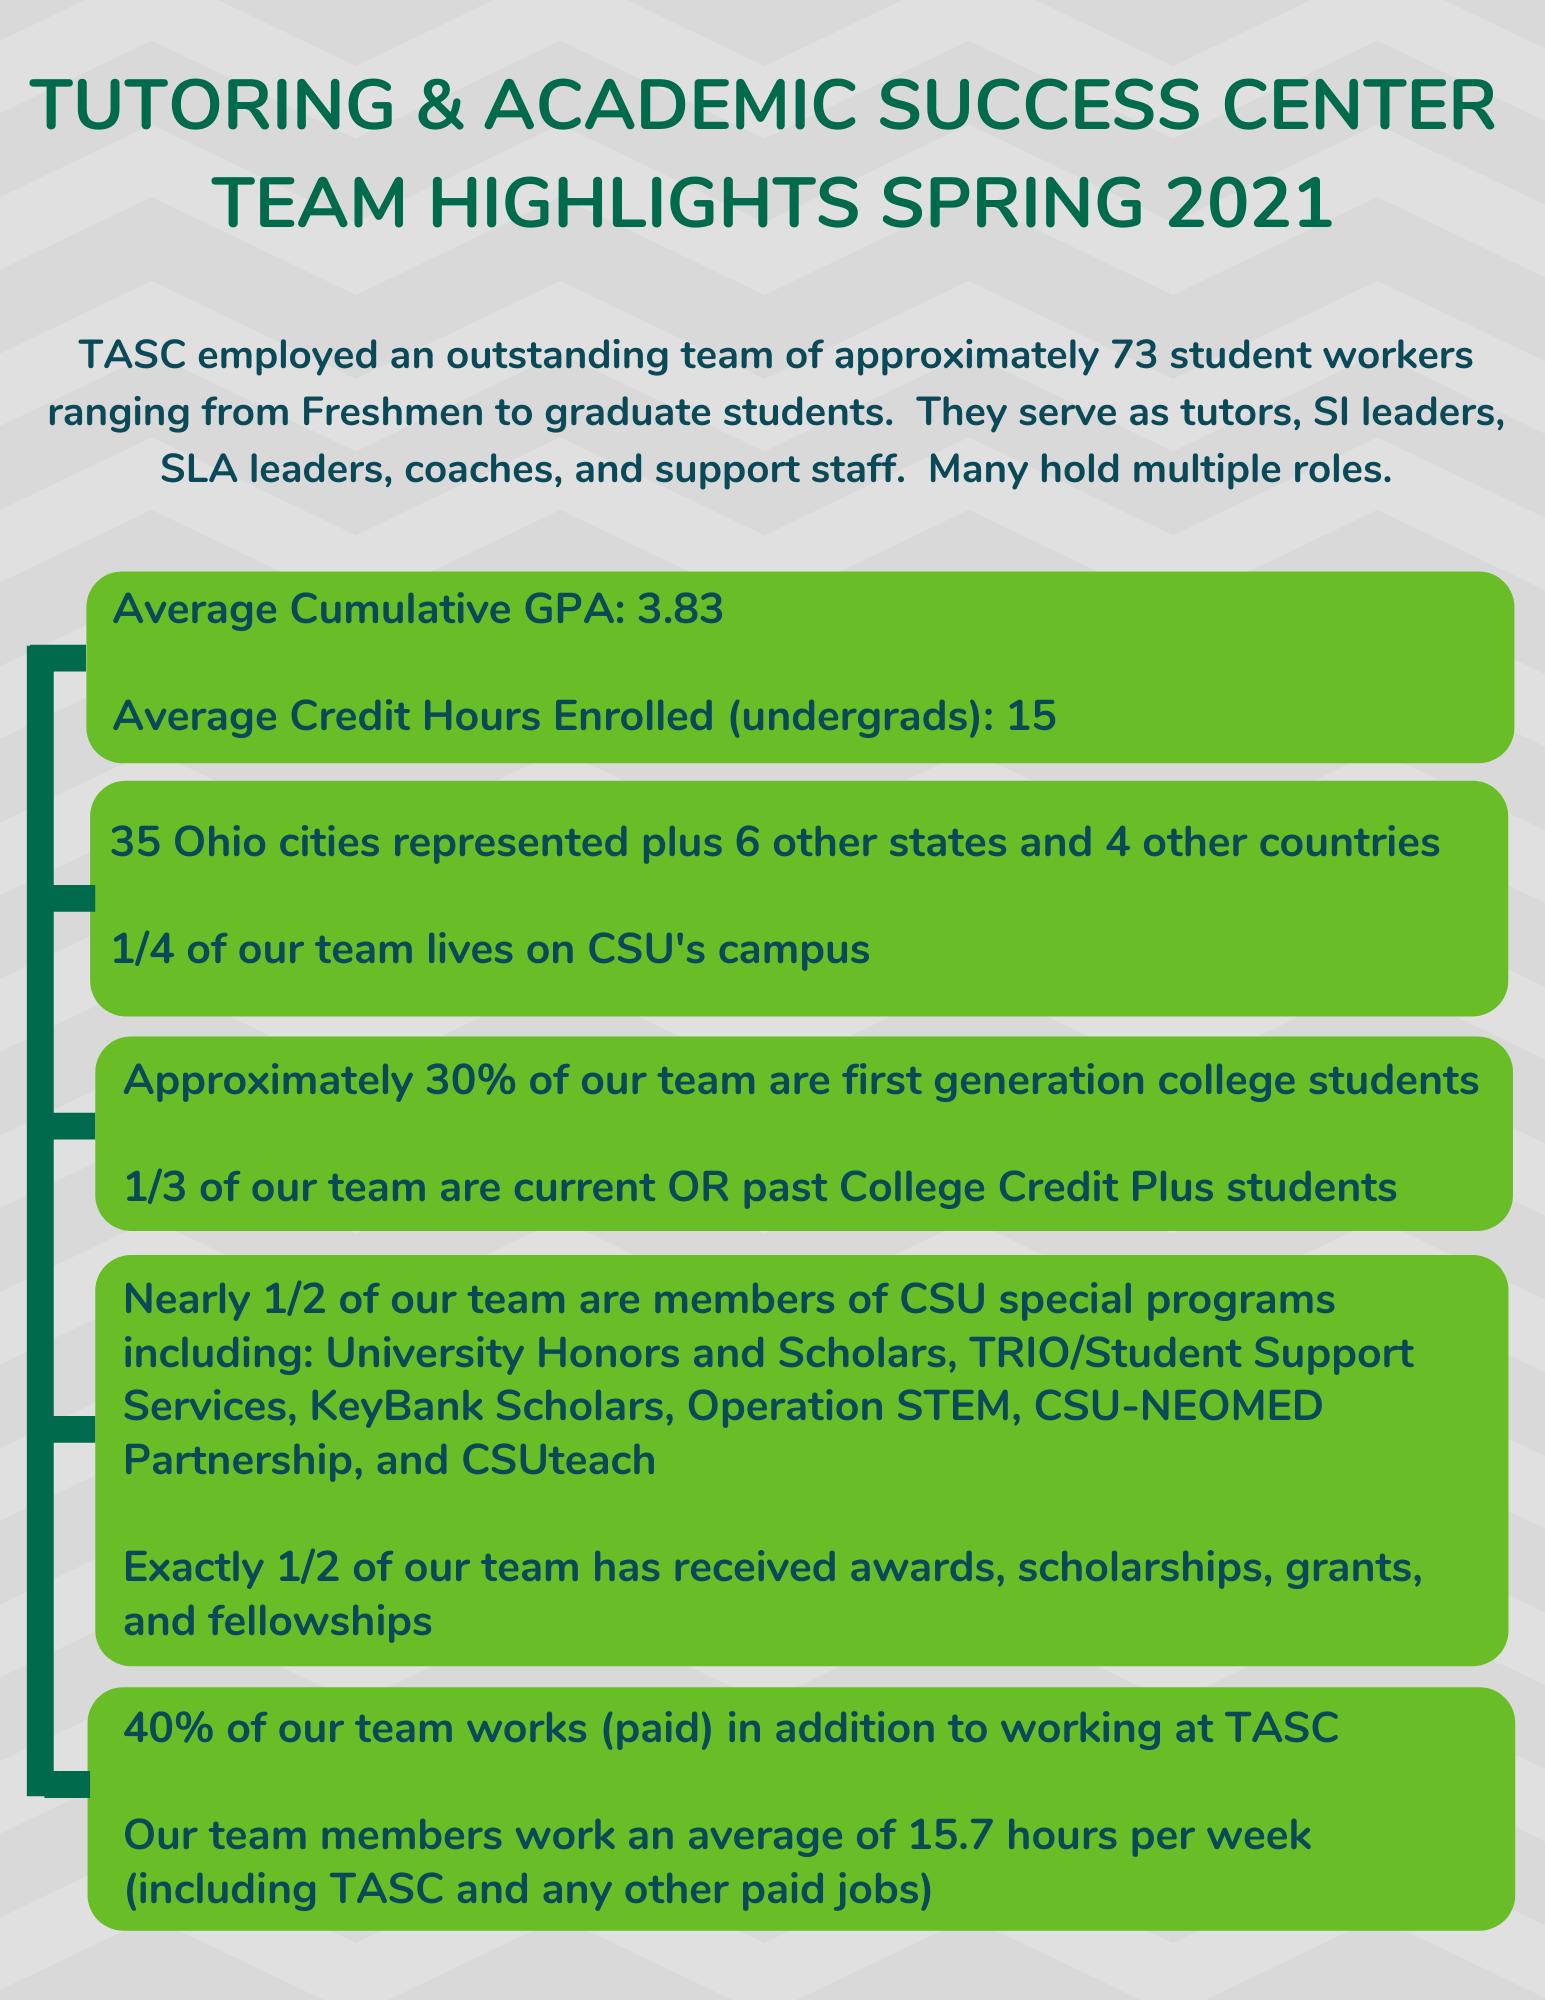 TASC 2021 Team Infographic